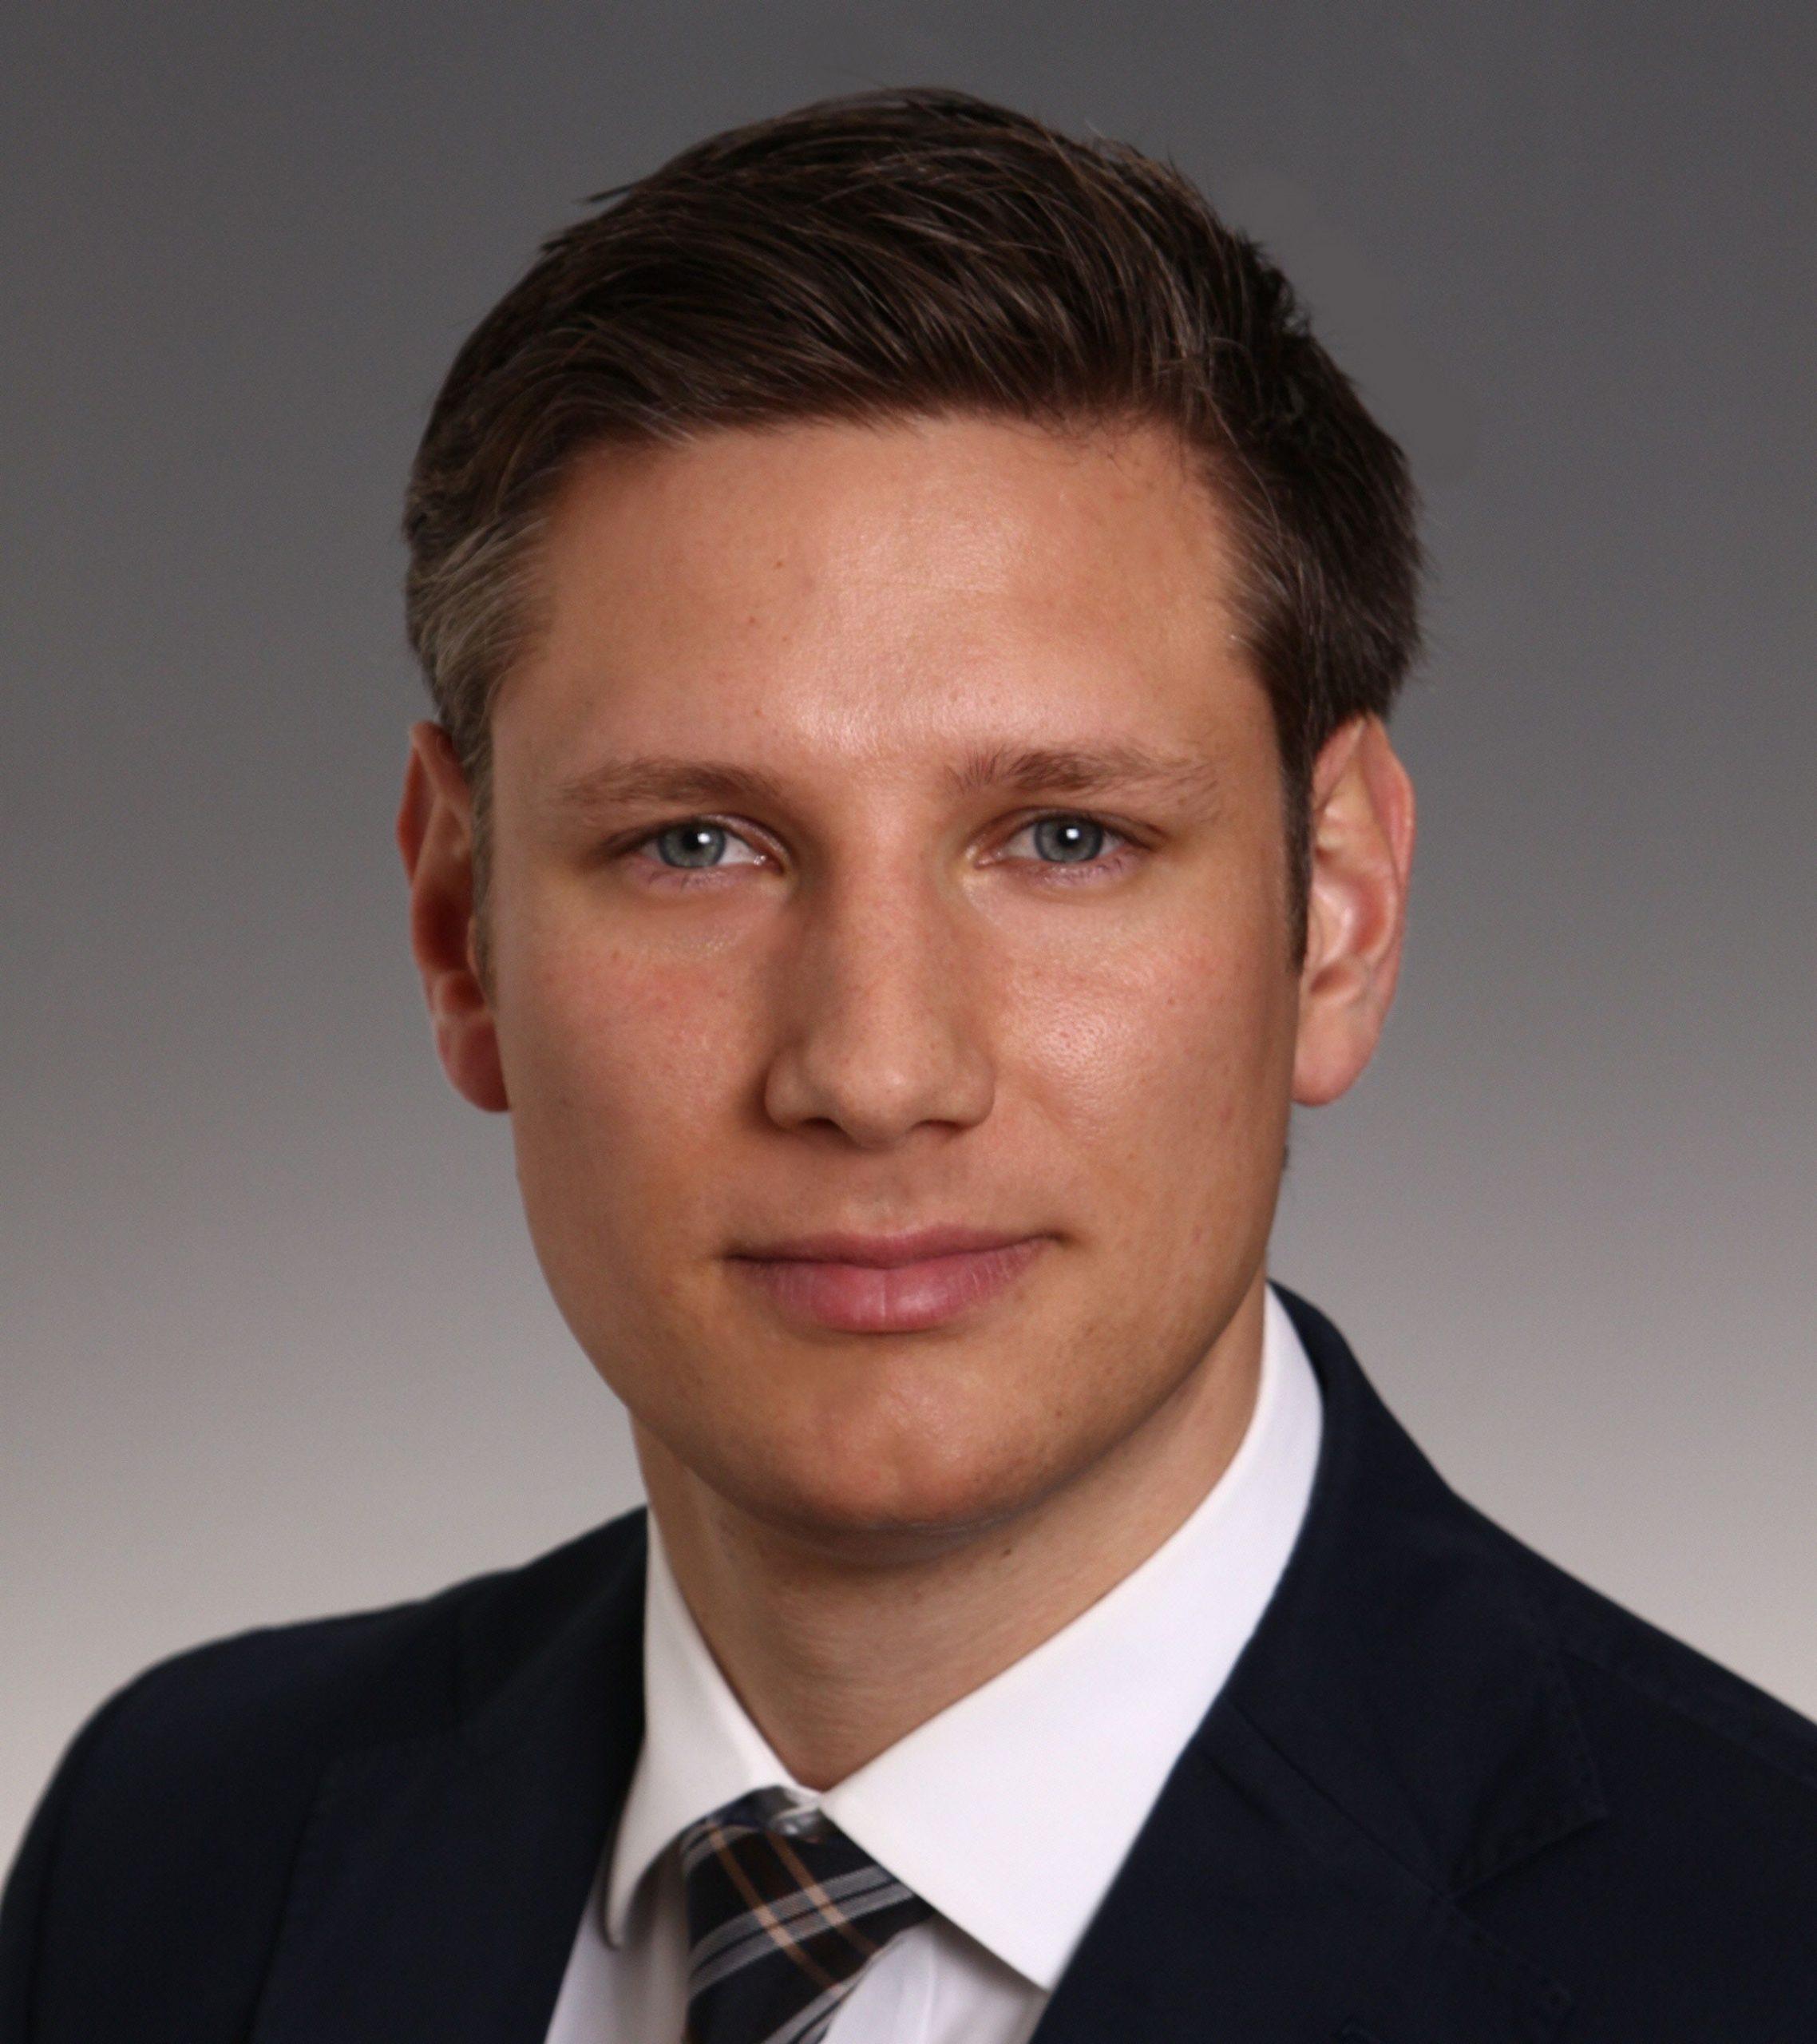 Matthias_Dekker